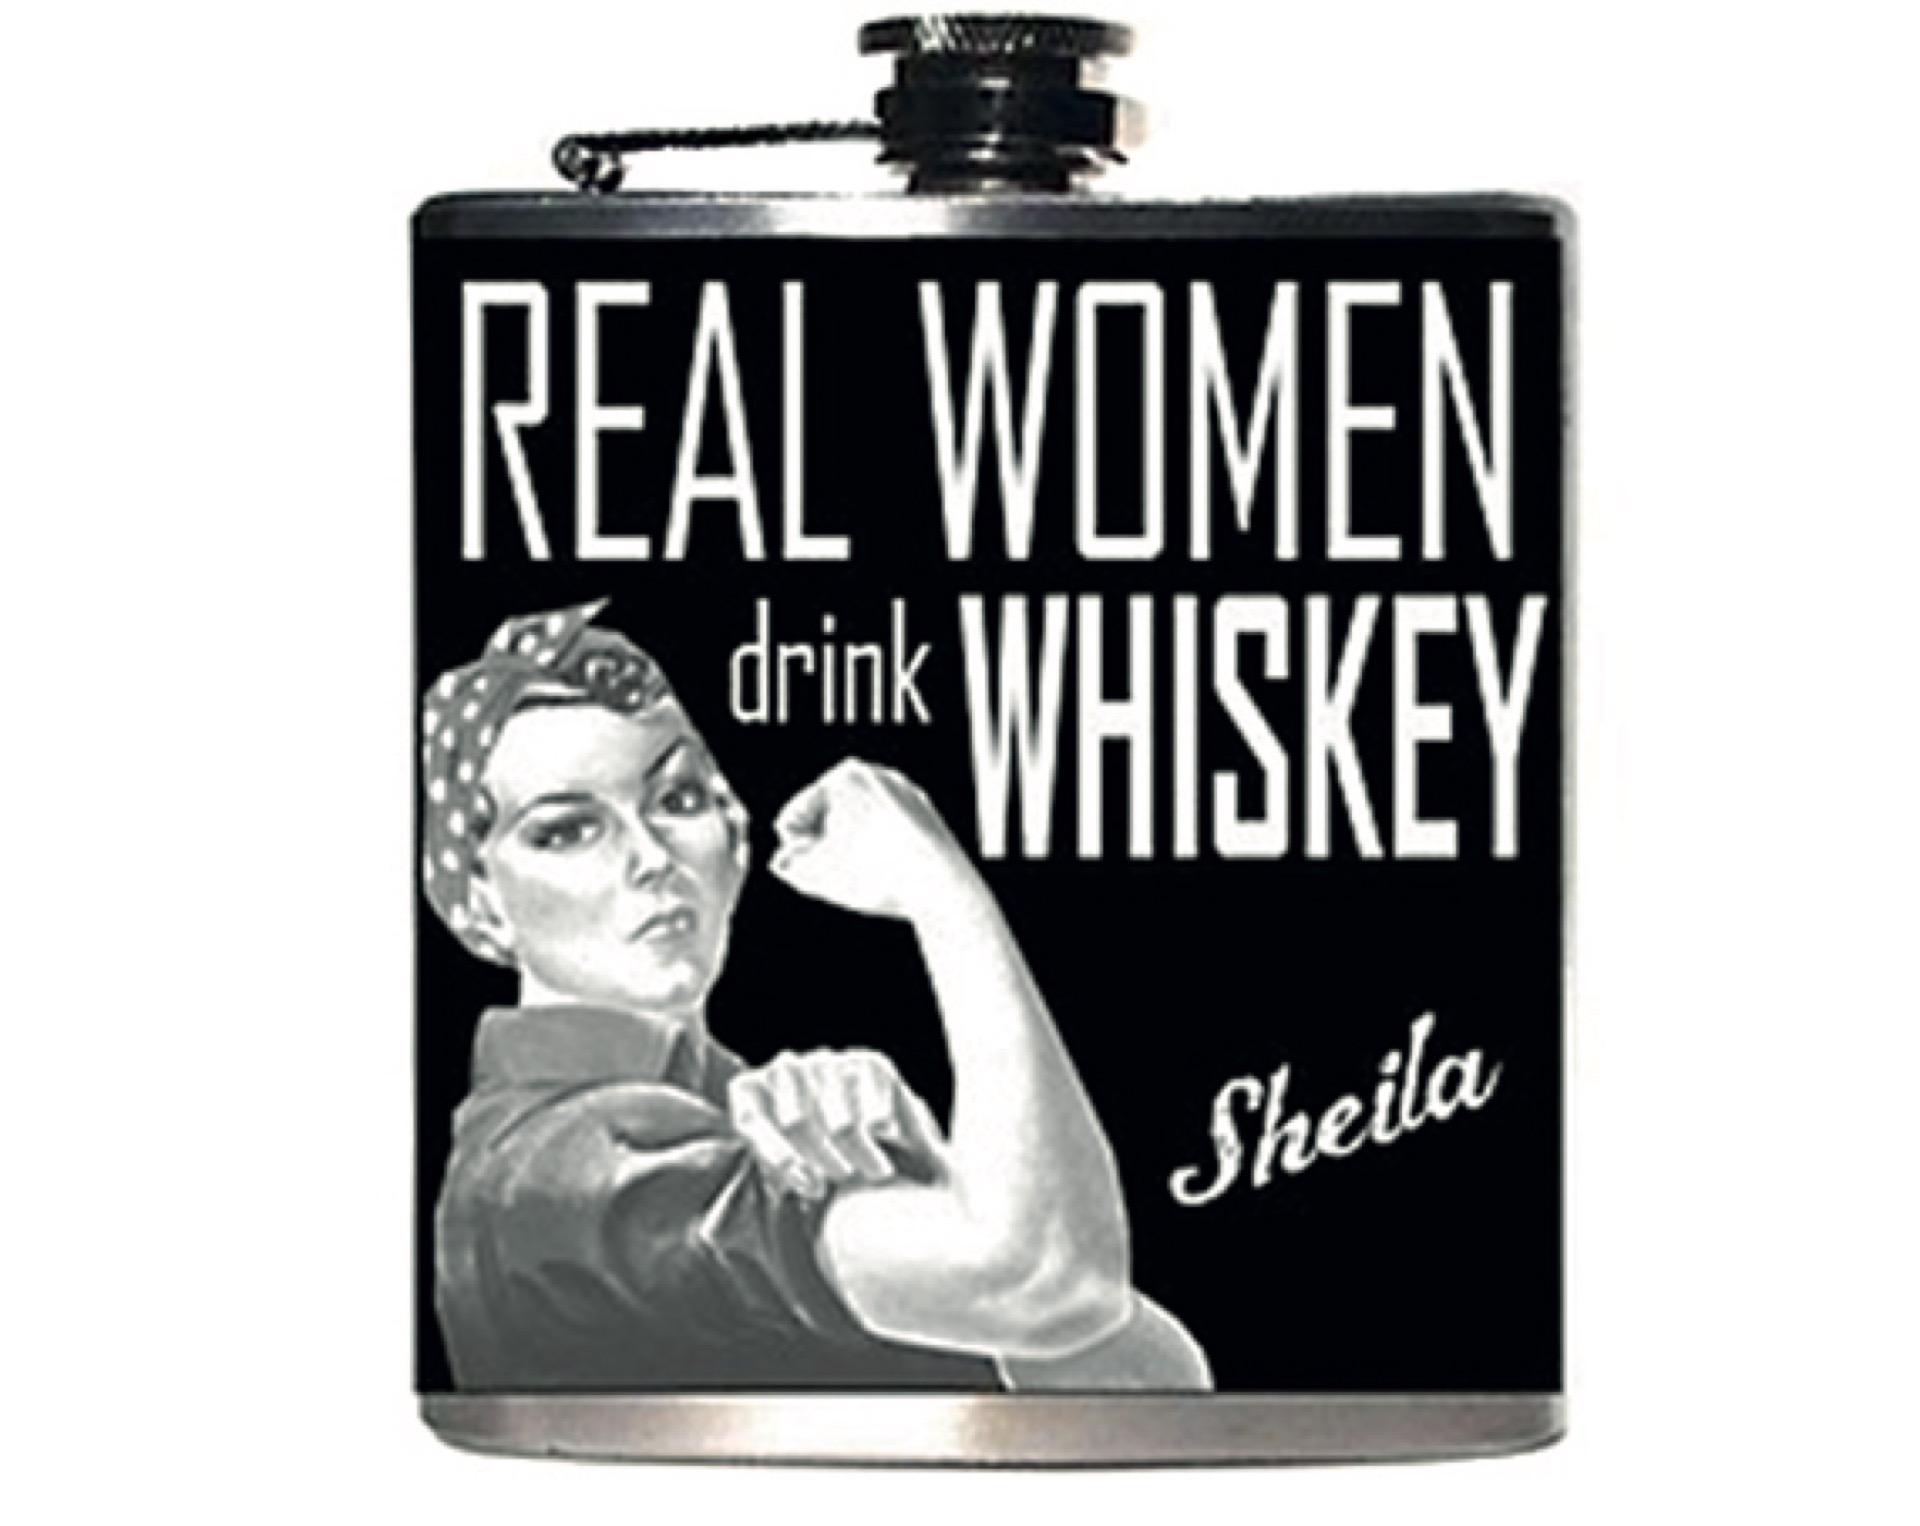 El whisky dejó su impronta exclusivamente masculina.